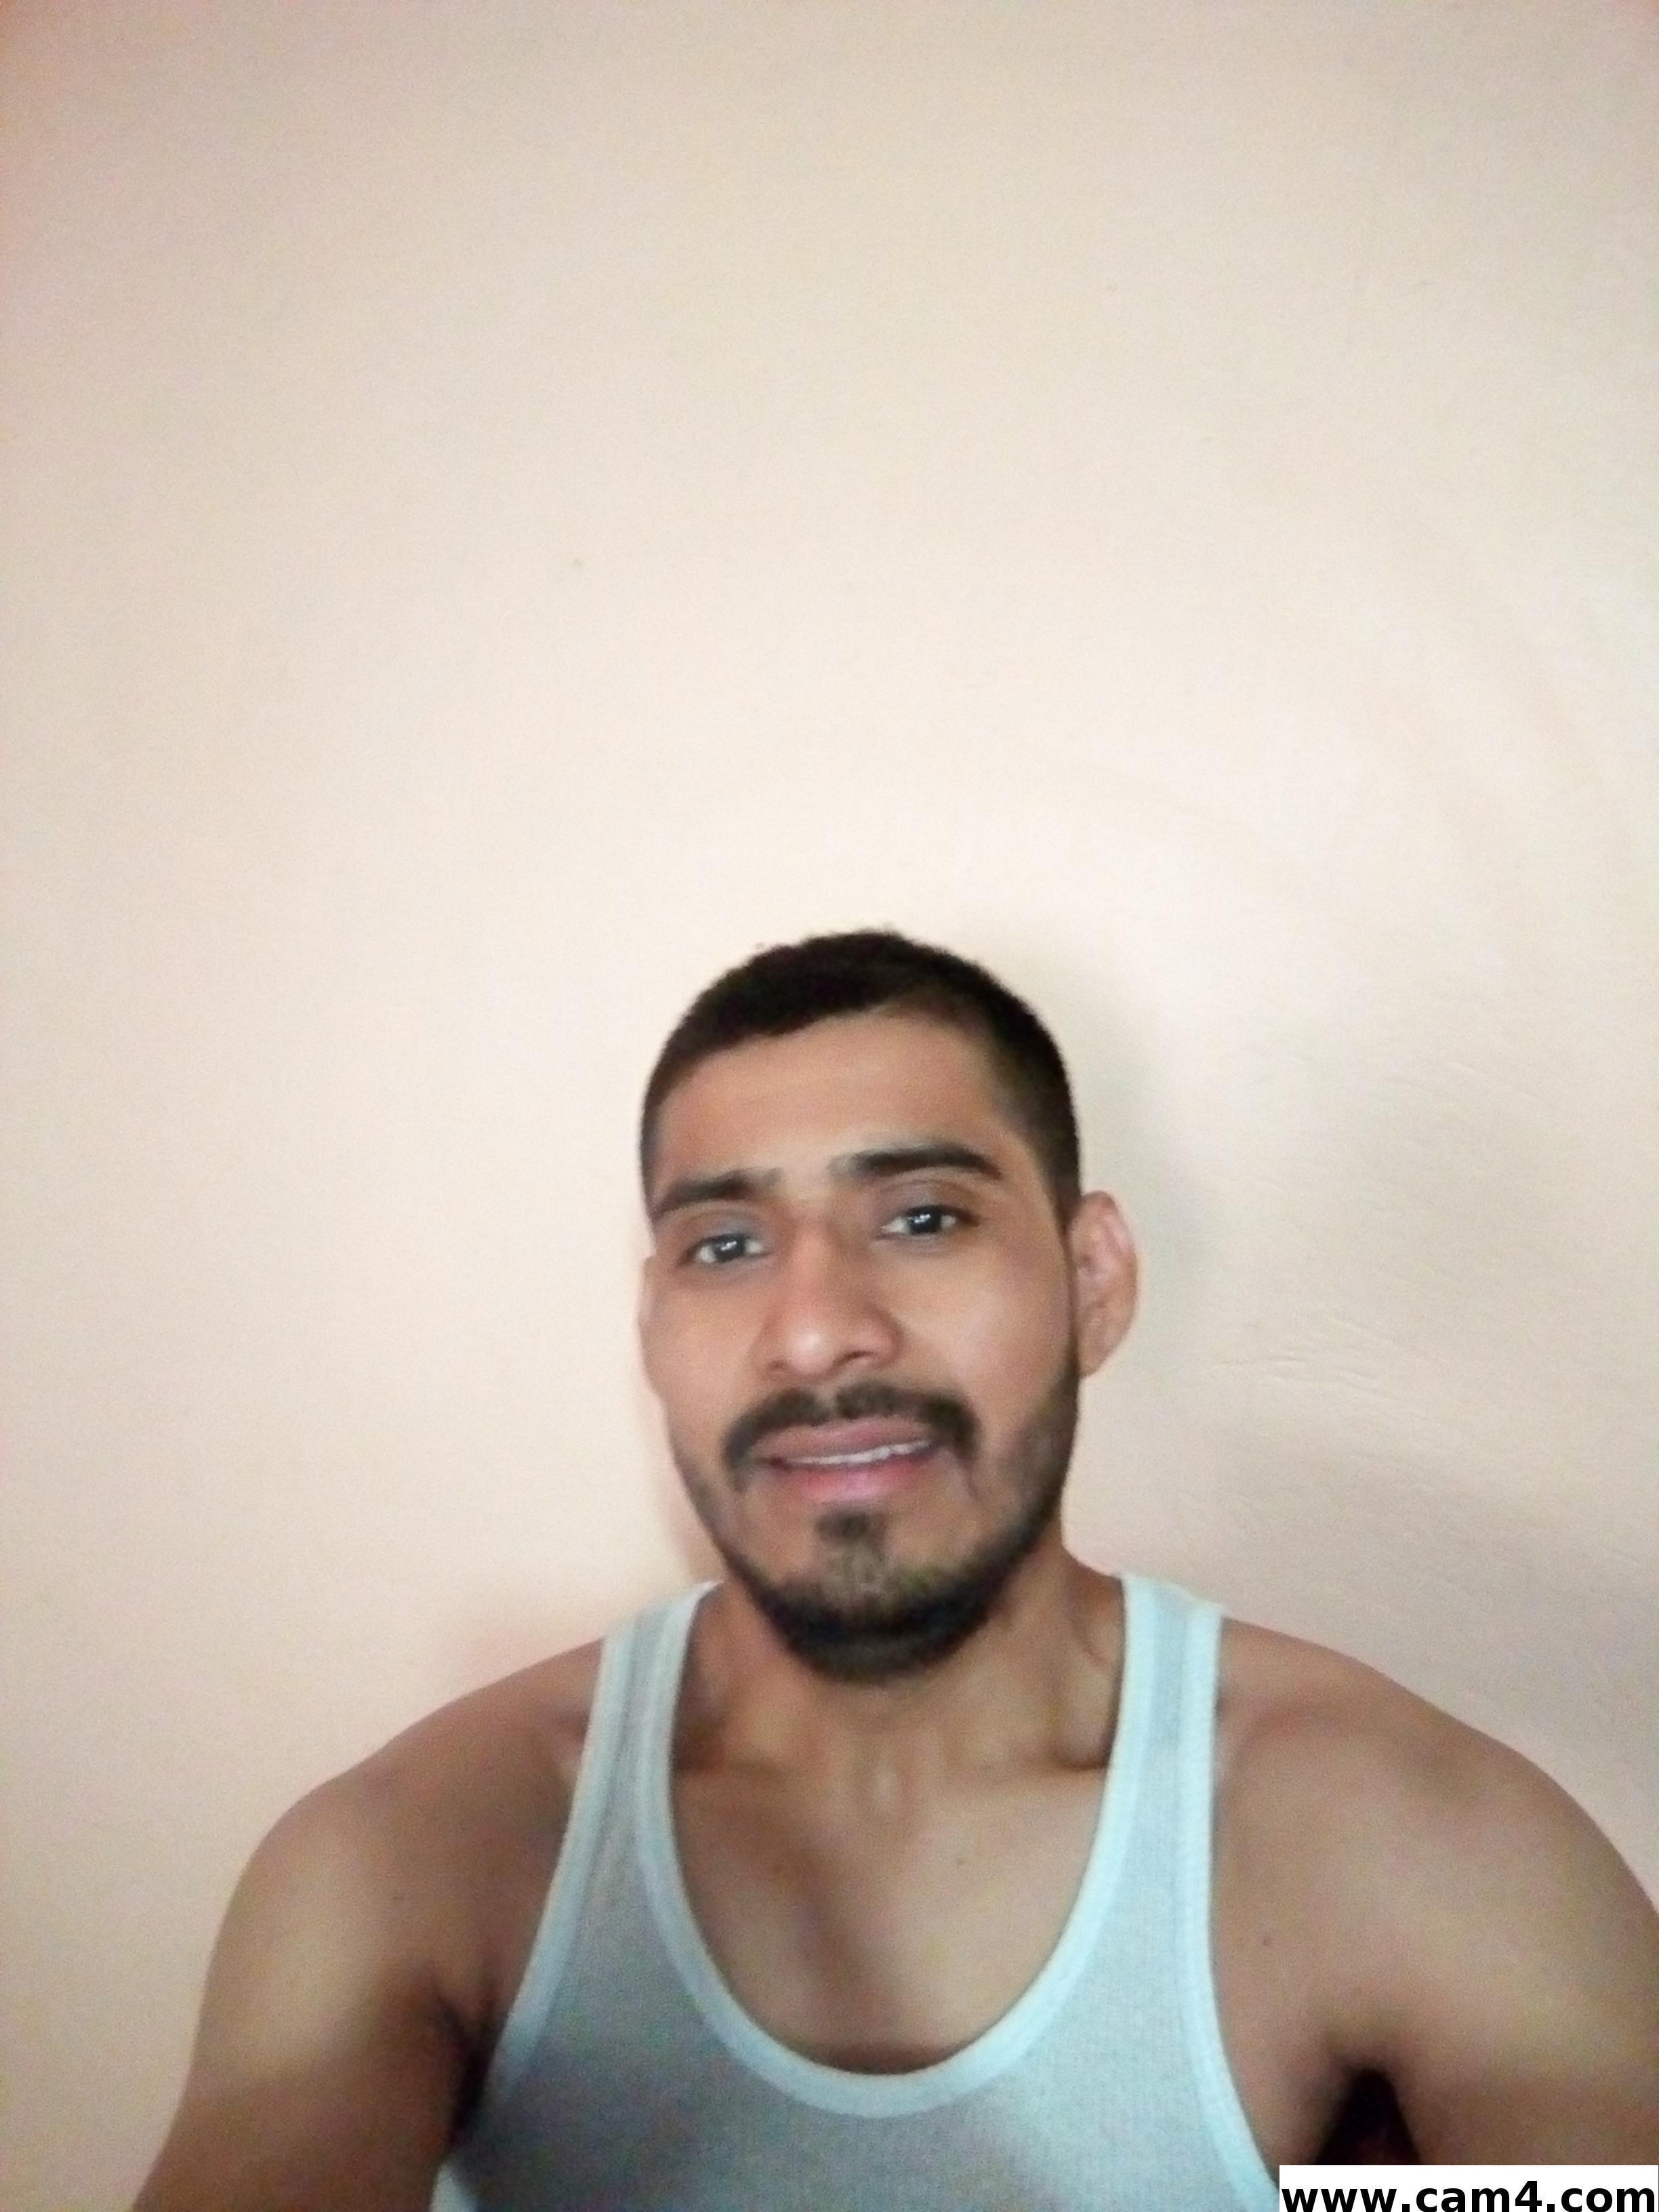 Jonas835?s=kltjtbb7fipemoqmr+vwpnh+inmtsbqqc499bcfvu9i=